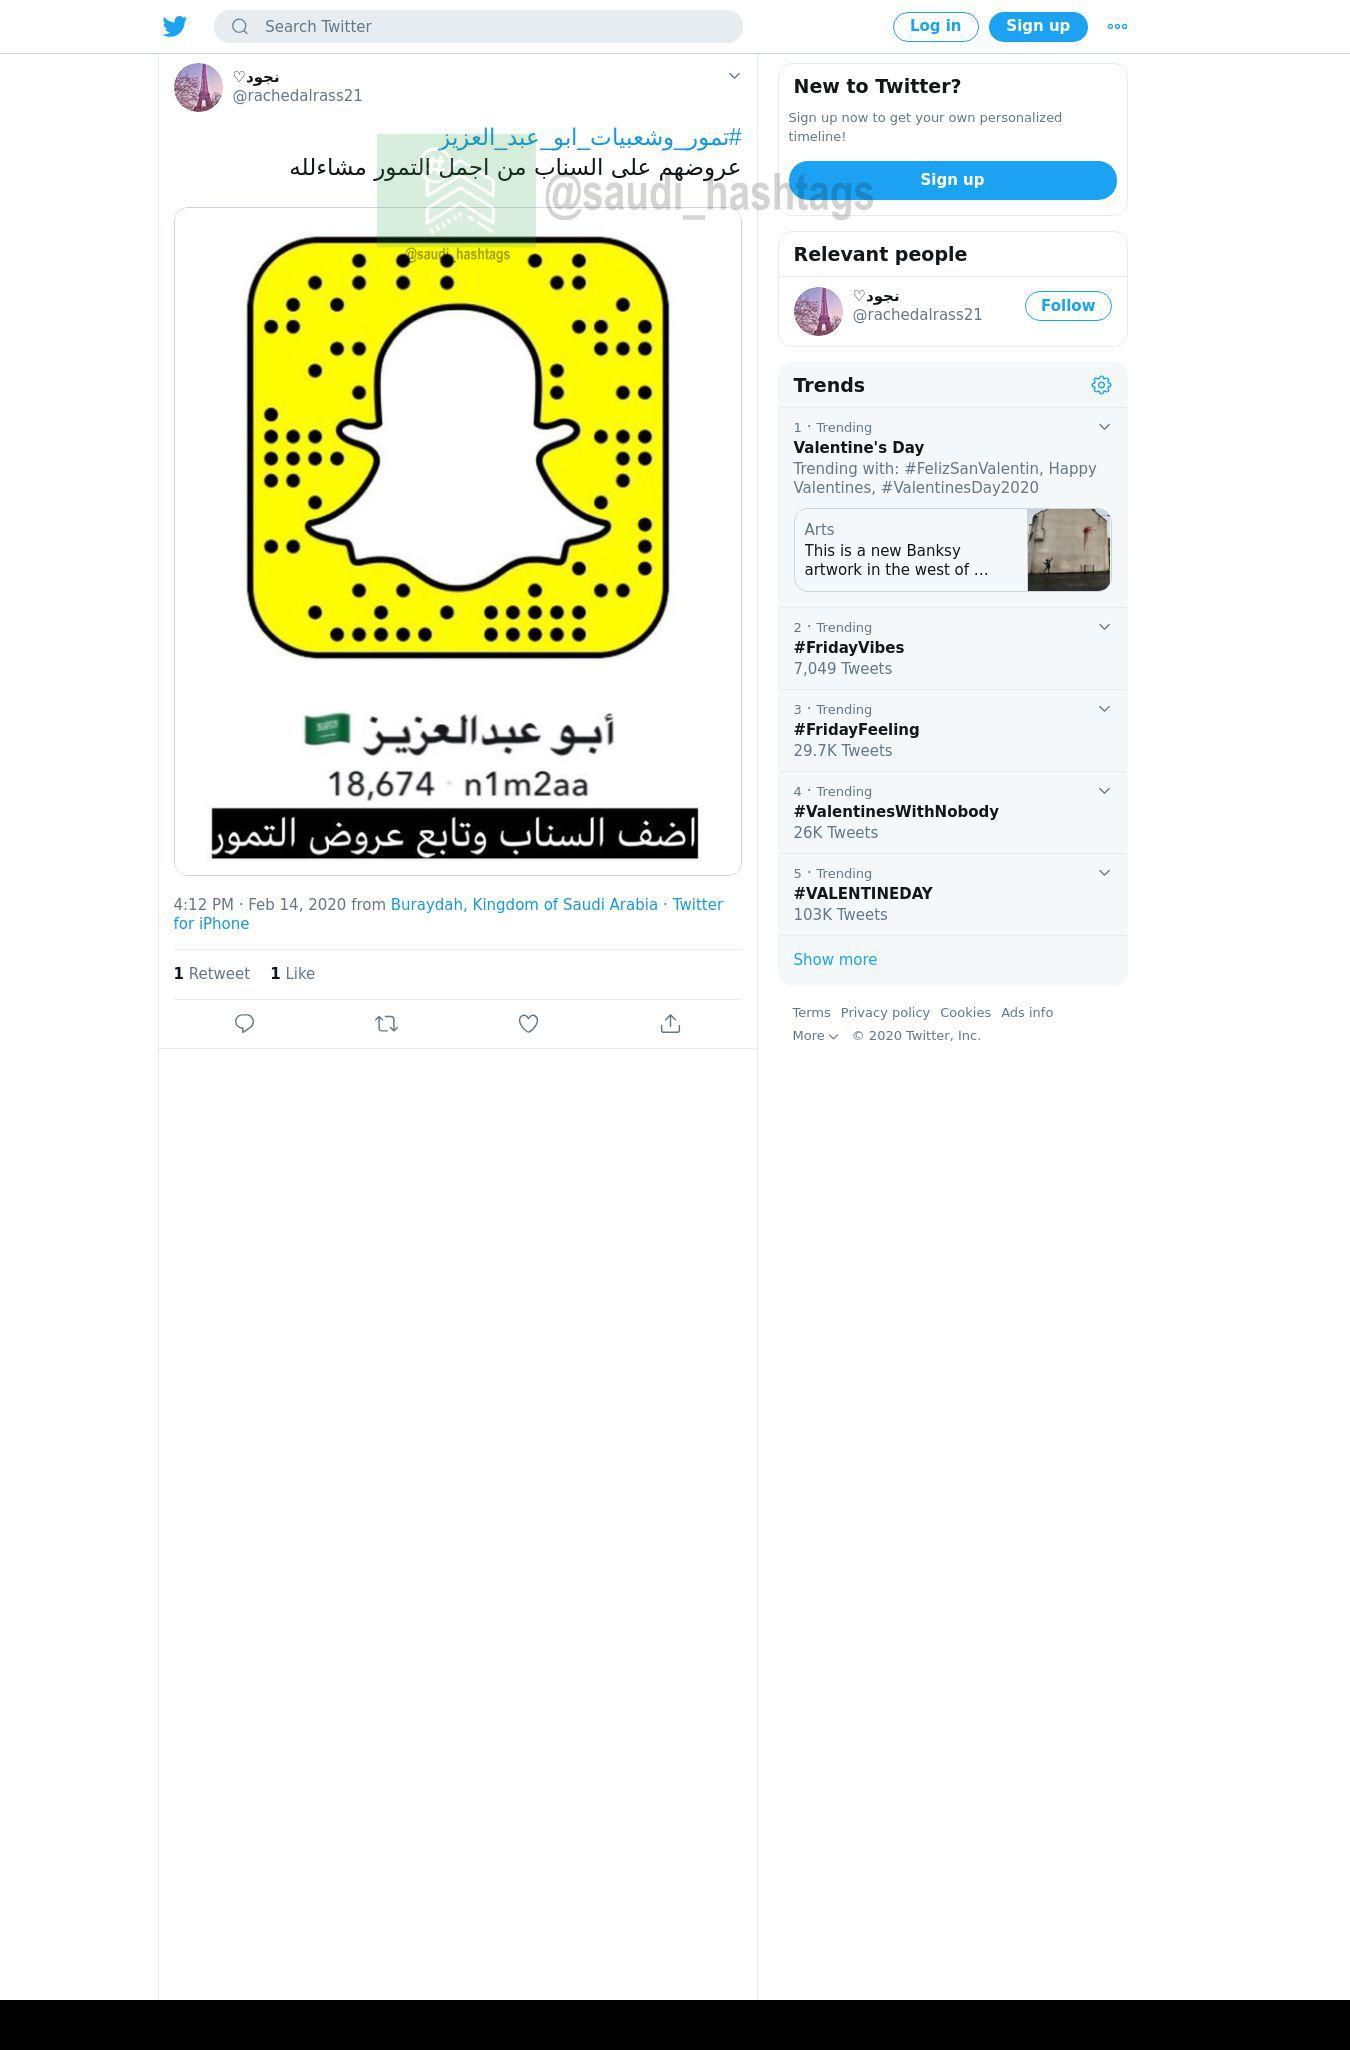 لقطة لاول تغريدة في هاشتاق #تمور_وشعبيات_ابو_عبد_العزيز